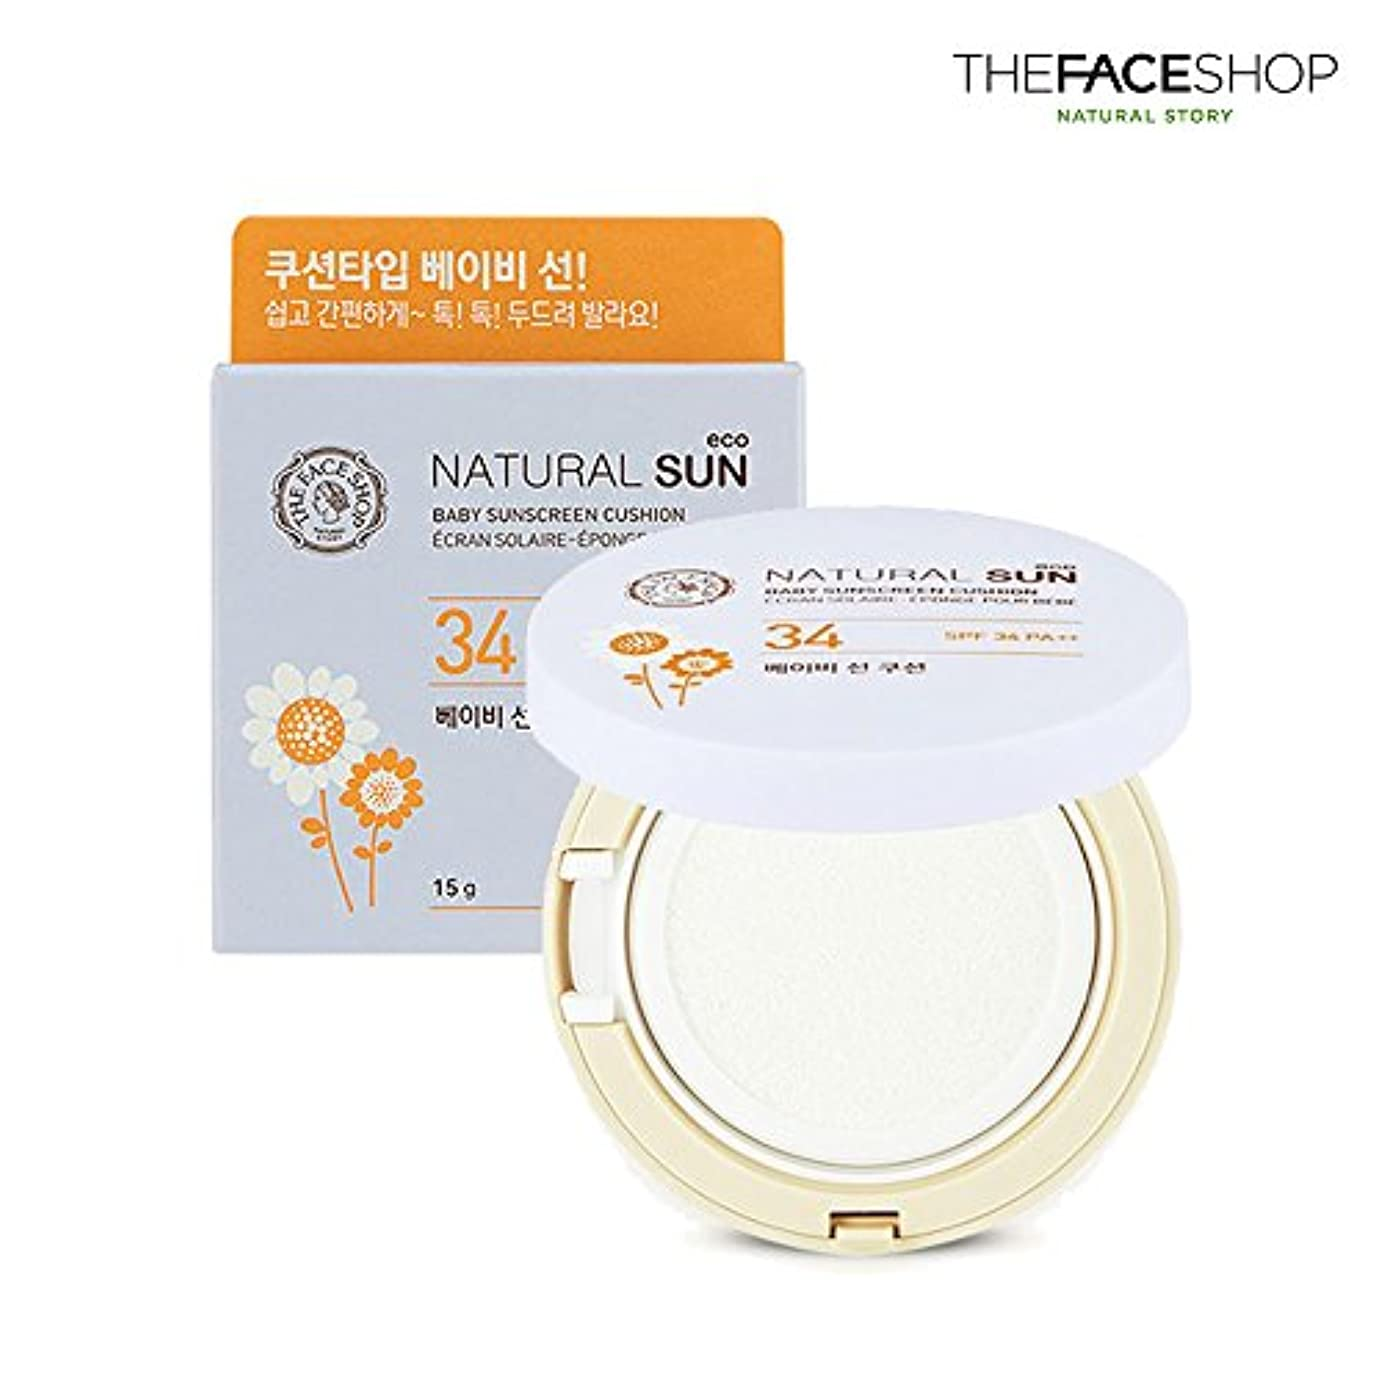 予想外スパークスパークthe face shop Natural Sun ECO baby sunscreen cushion 34 PA++ 赤ちゃんサンスクリーンクッション